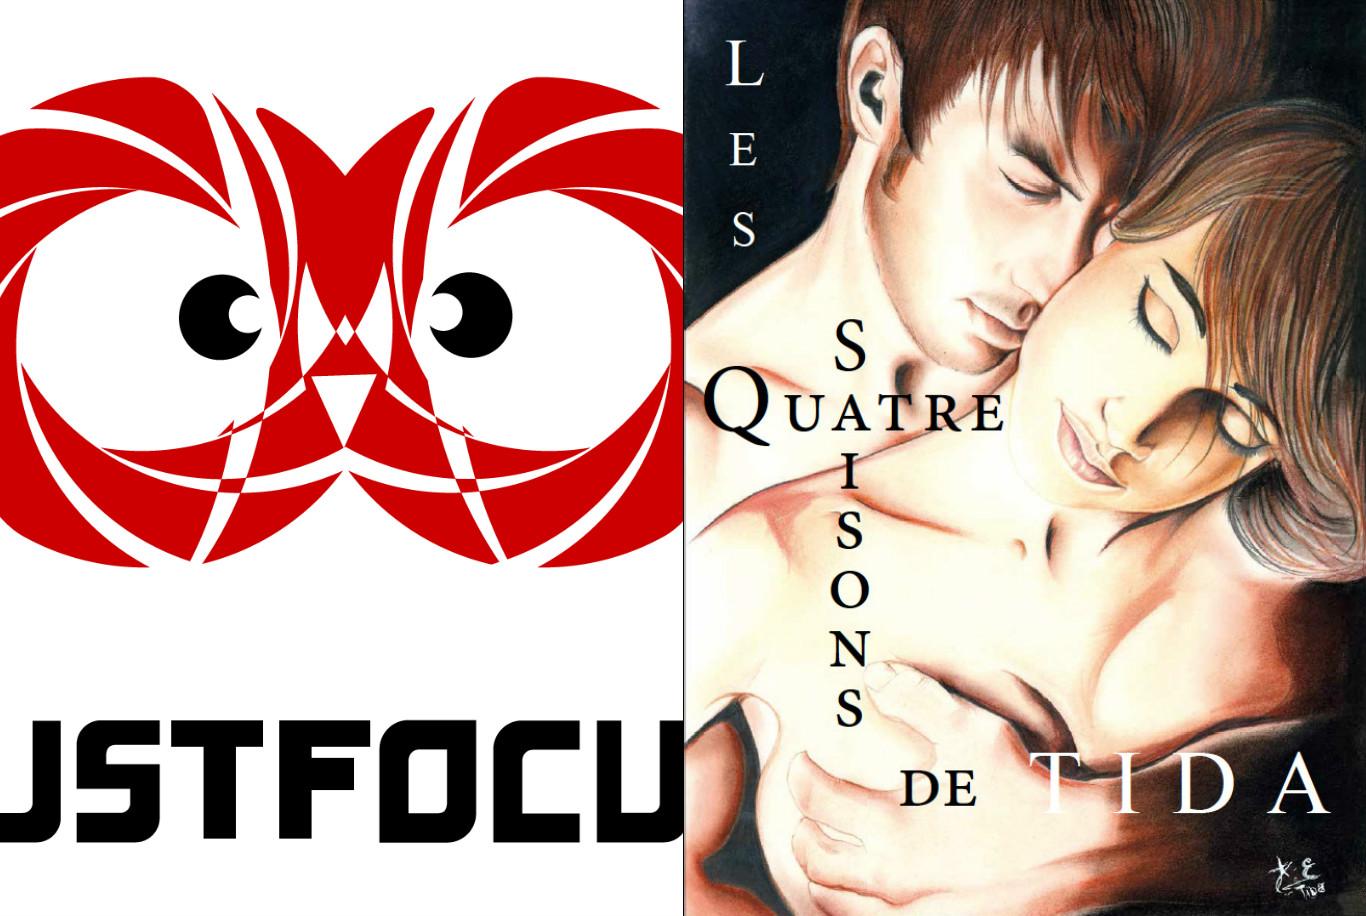 Les quatre saisons de Tida : Voyage imminent au coeur du manga